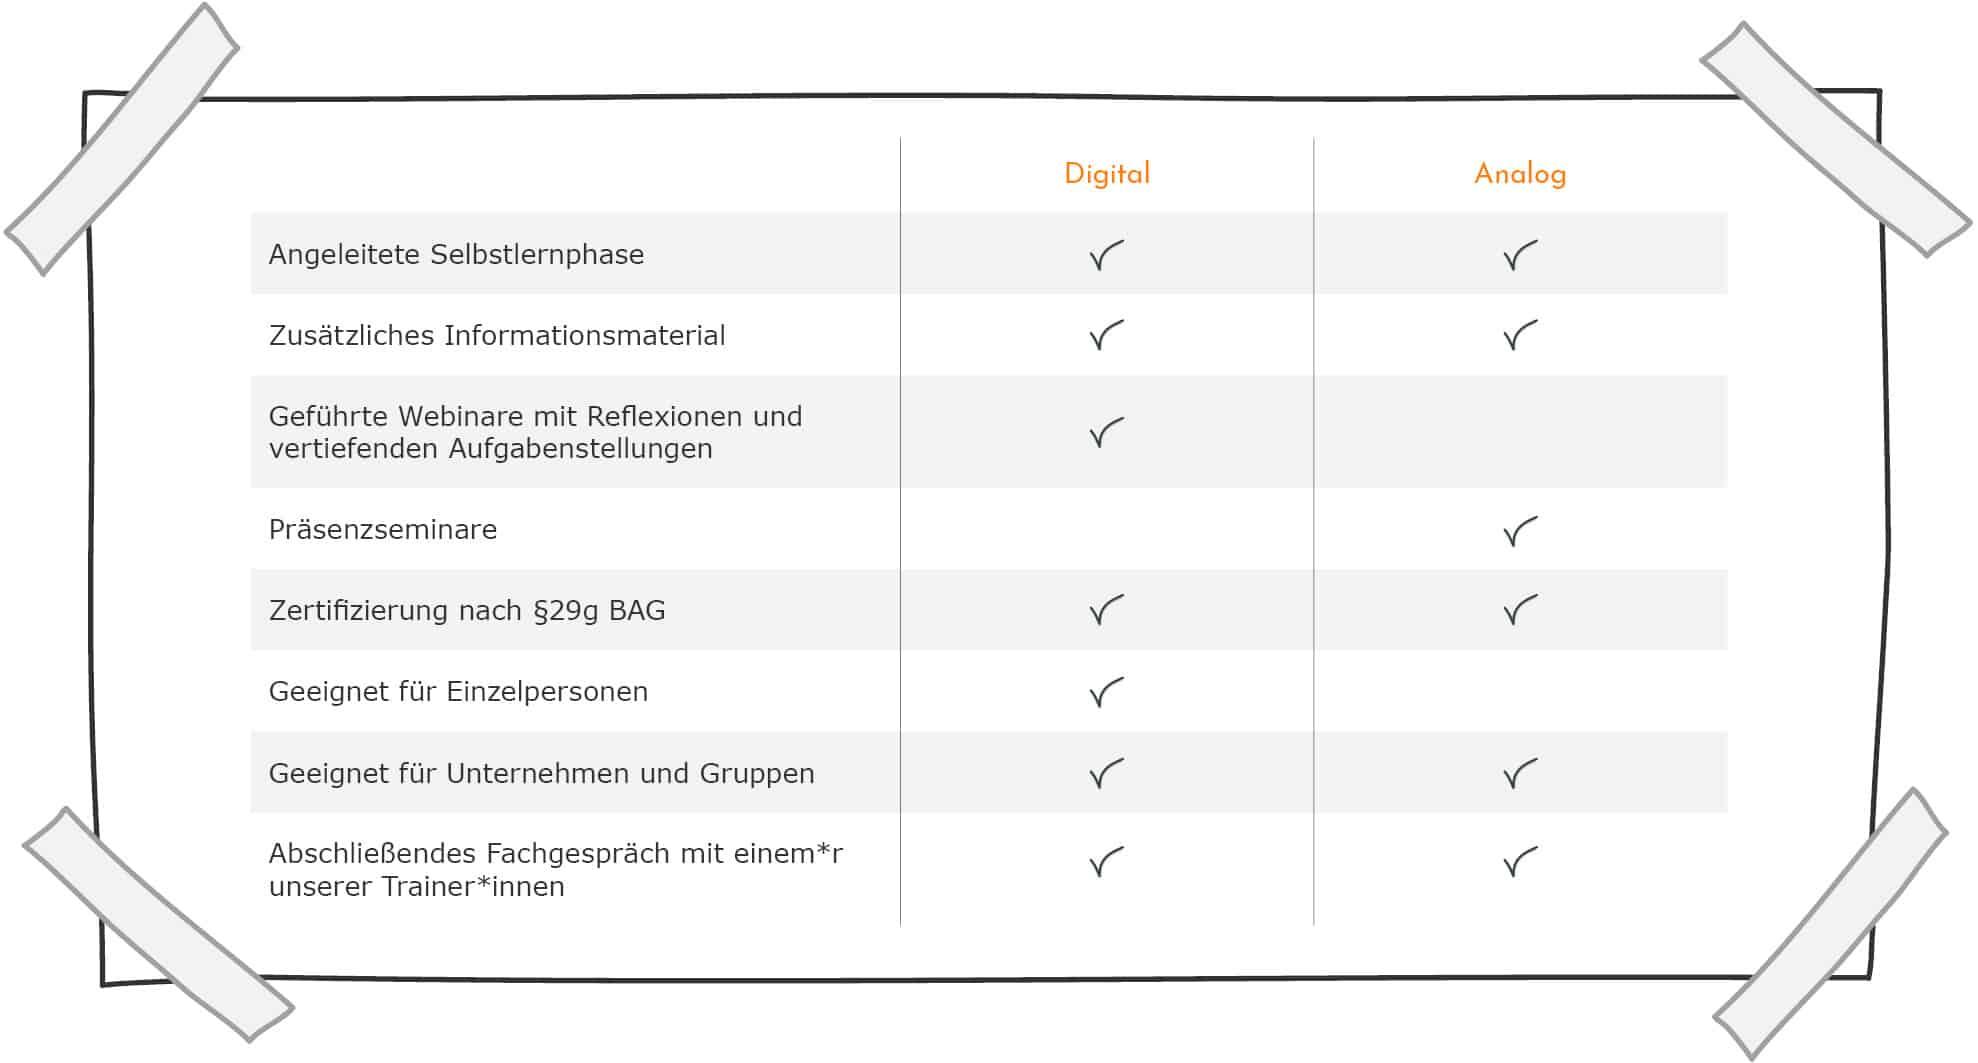 Ausbilder*innen-Kurs - Digital vs. Analog